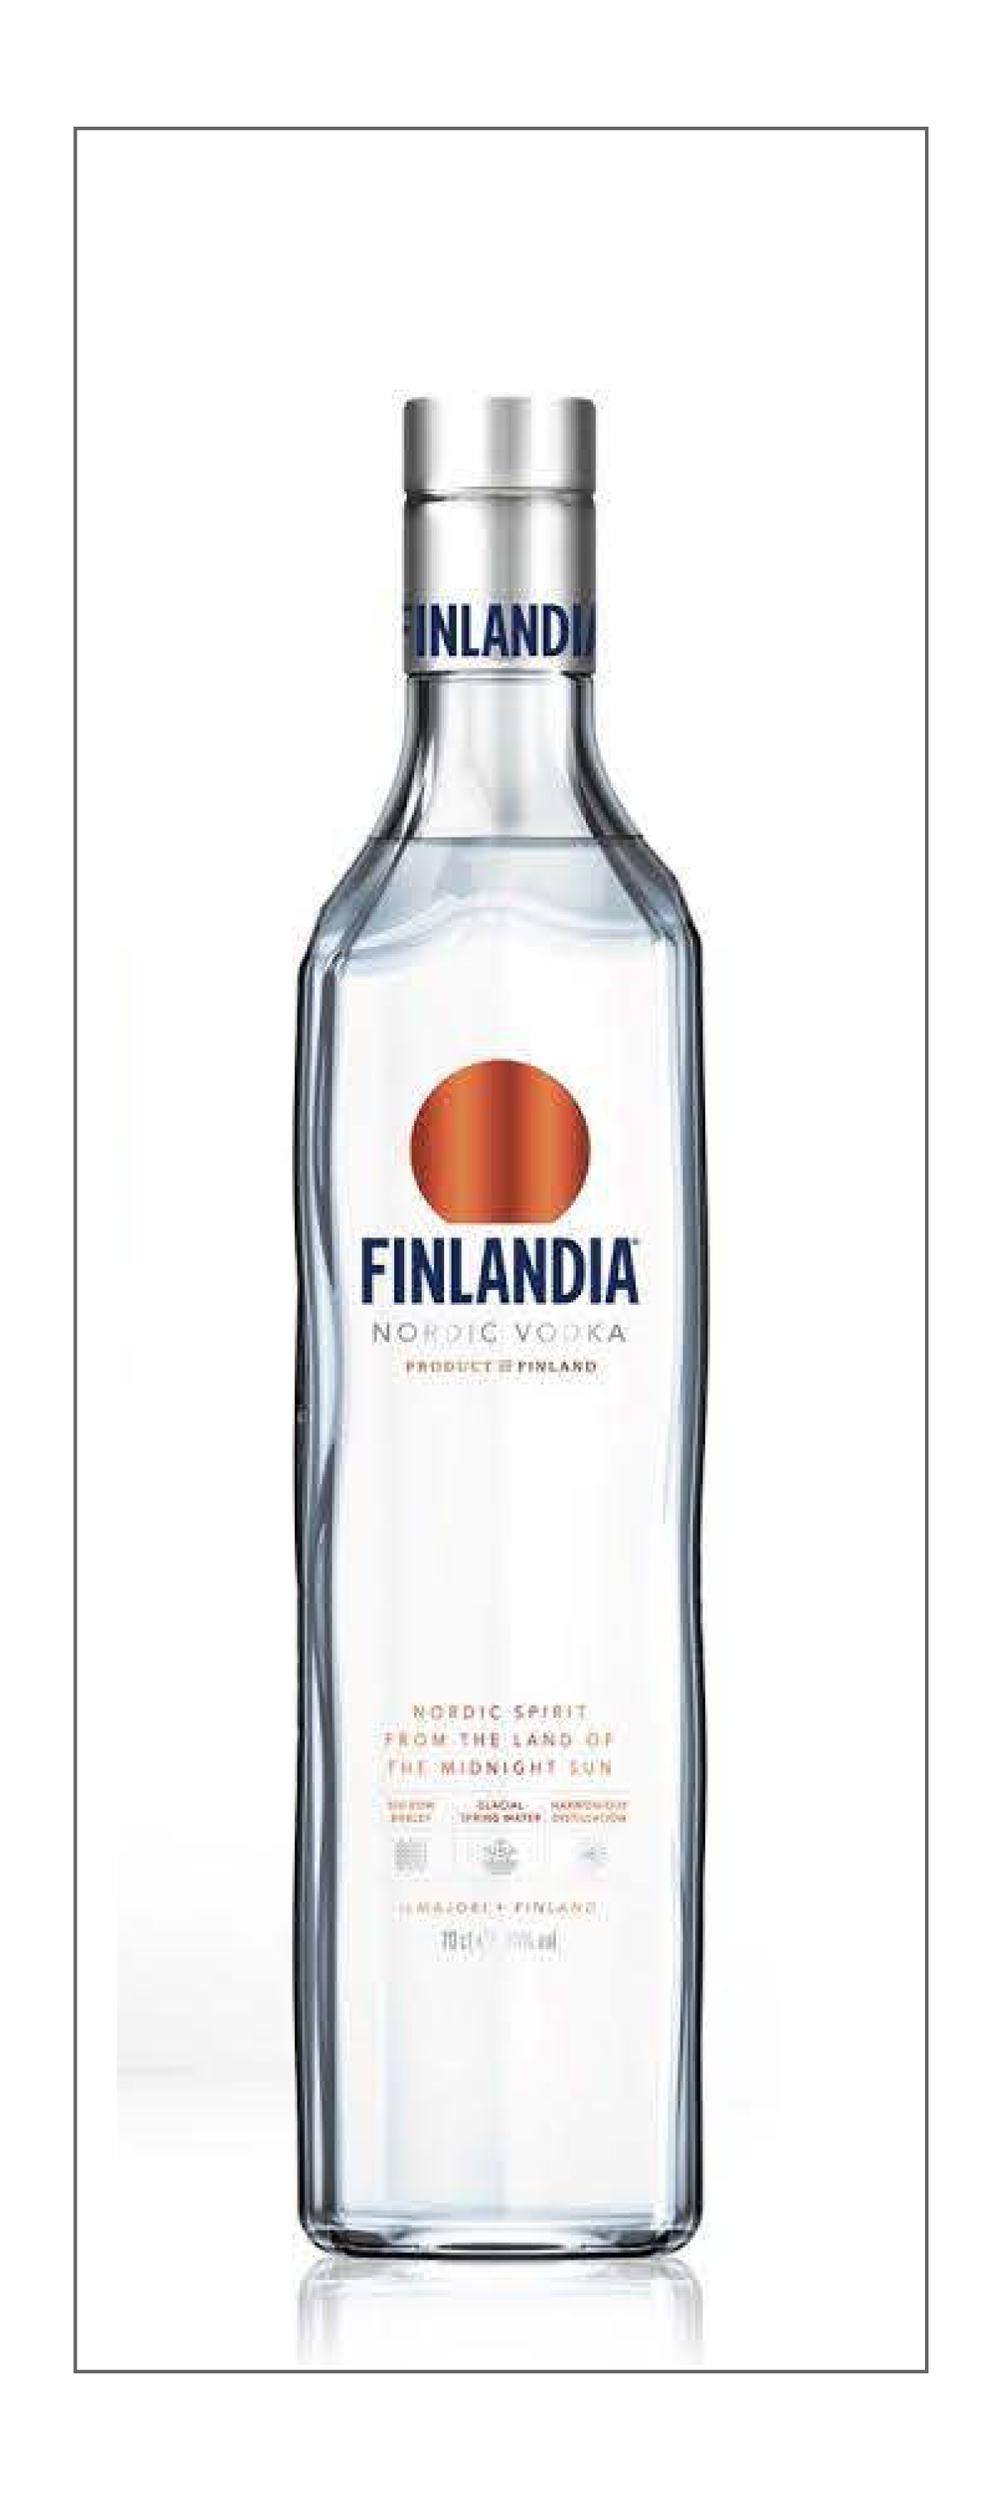 FV_Bottle_concepts27.png